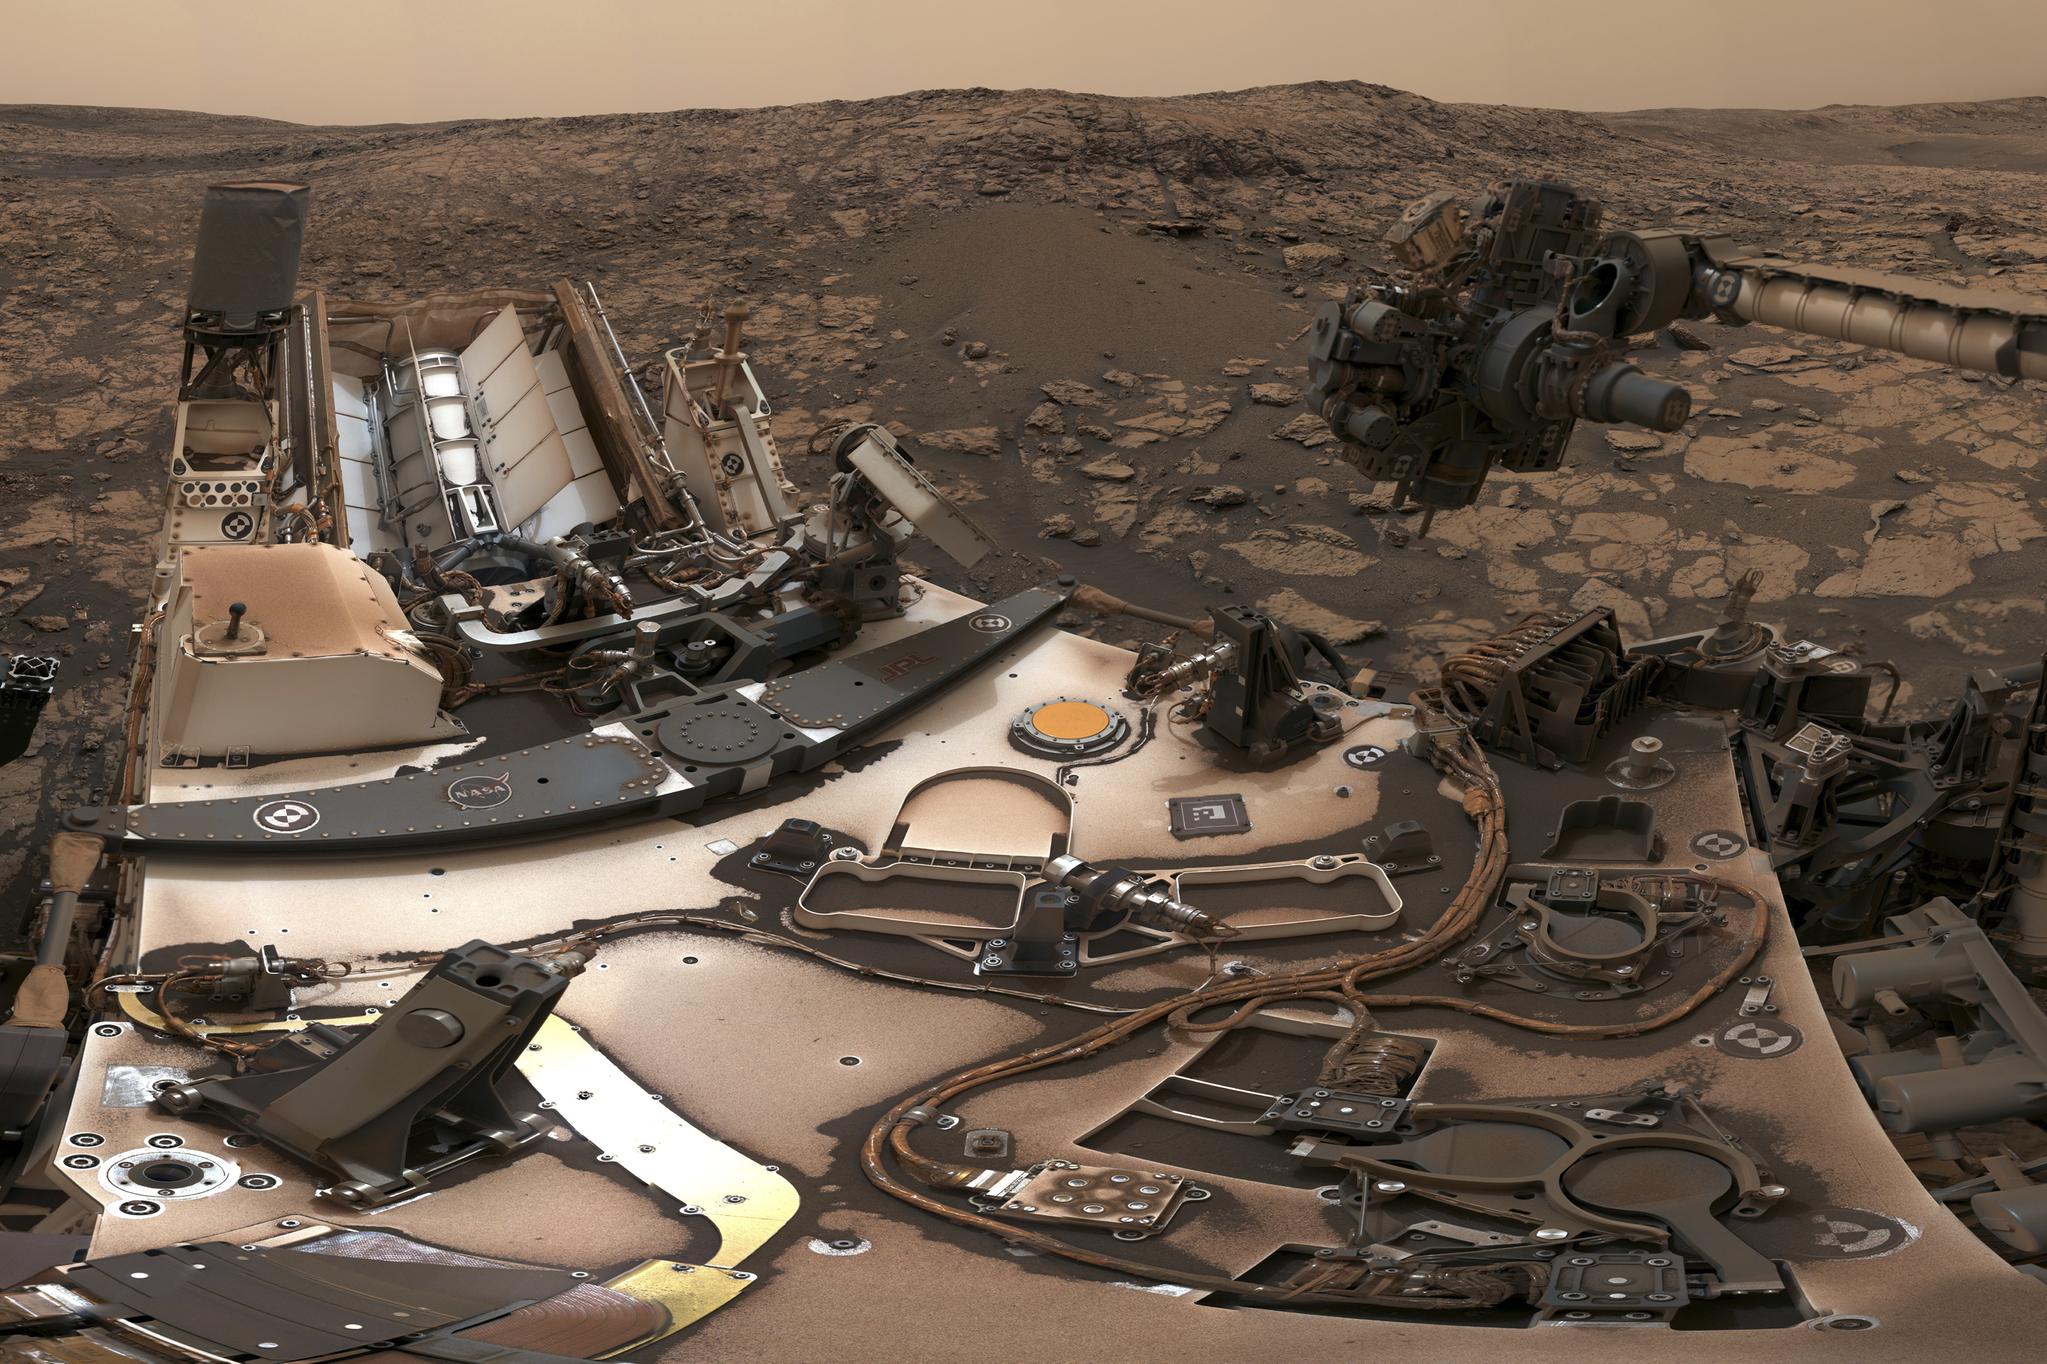 [서소문사진관]화성 먼지폭풍 뚫고 탐사선 로버가 보낸 사진은